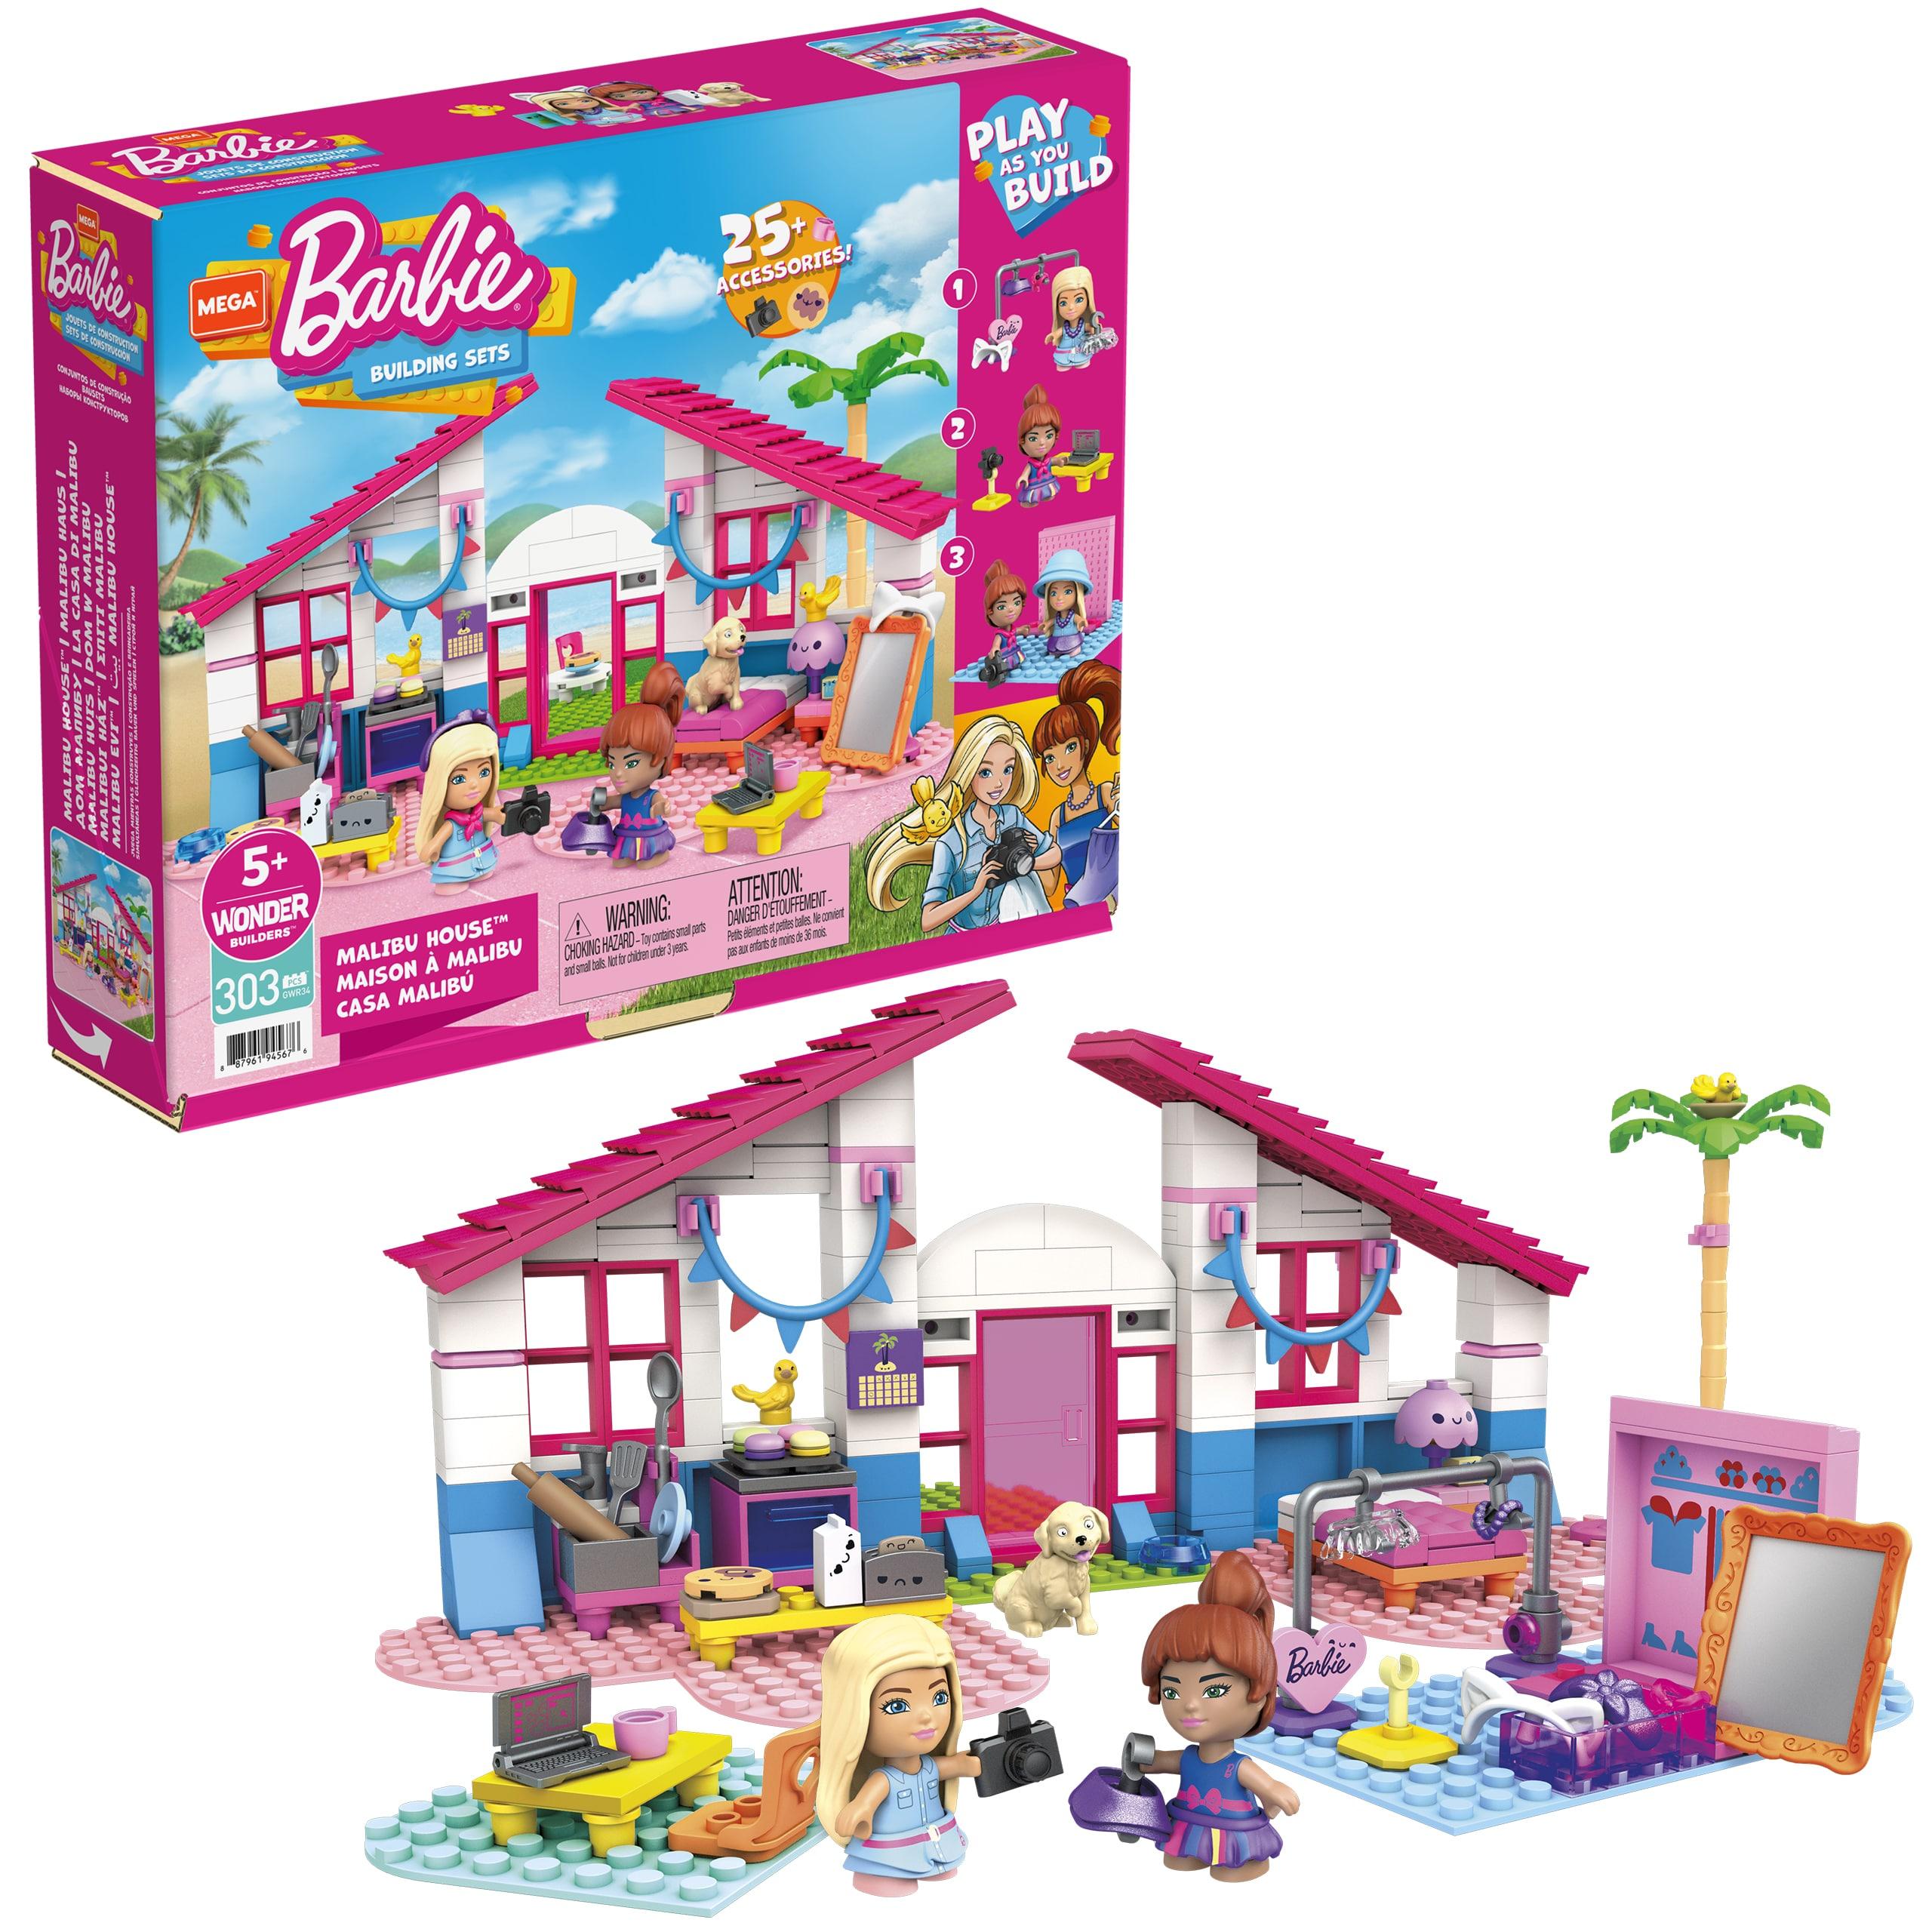 Mega Construx unveils Barbie-themed building sets 14